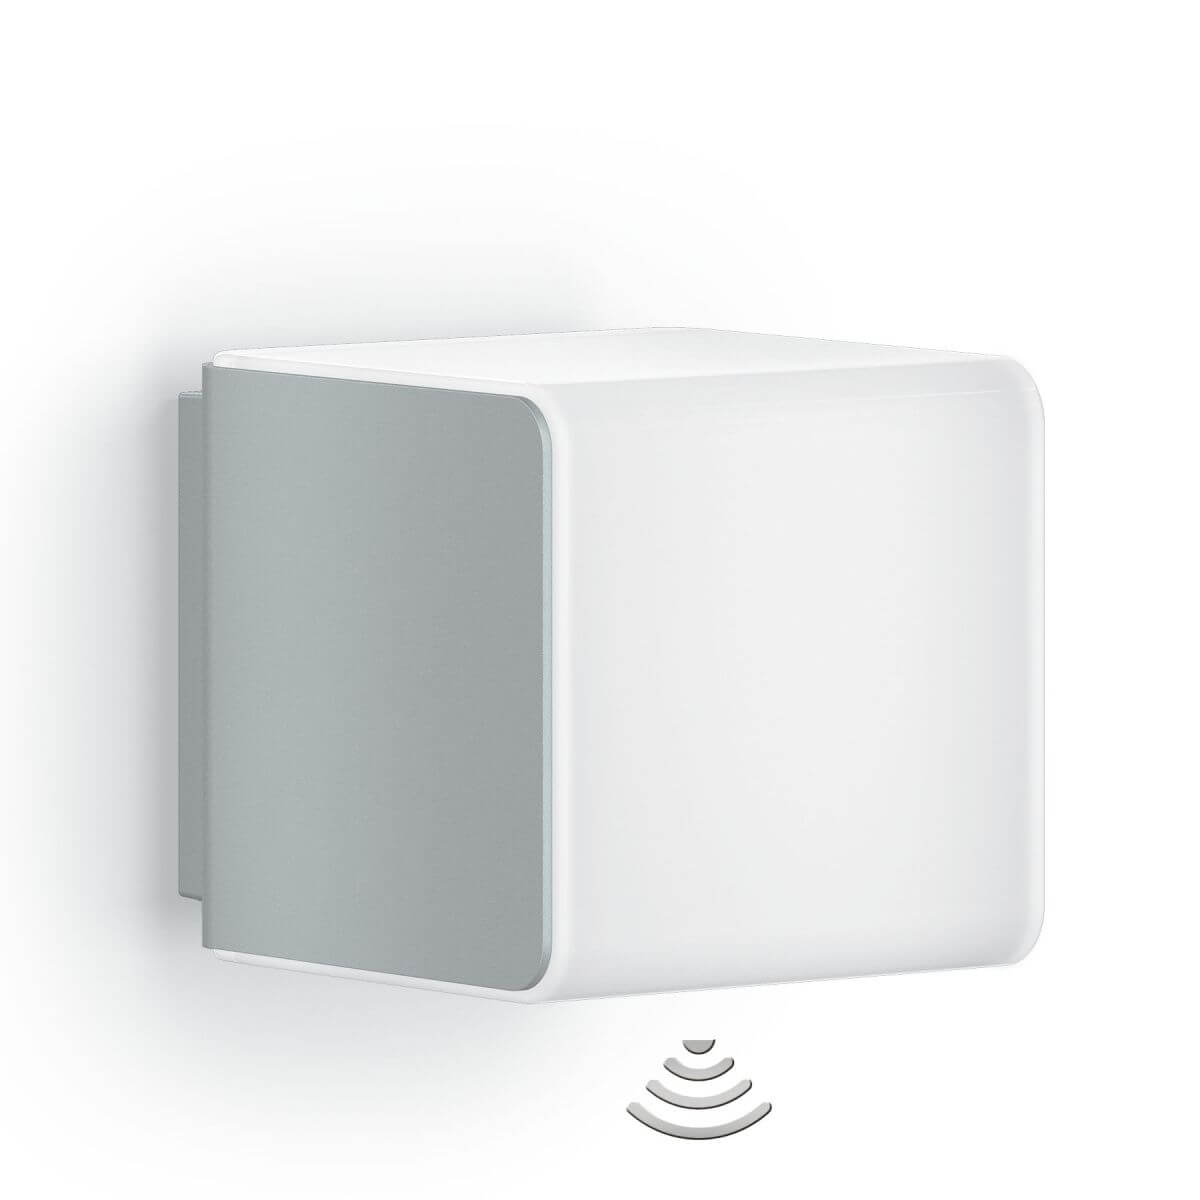 STEINEL Wandleuchte Cubo L830 LED, mit Bluetooth und Bewegungsmelder Wandlampe mit Sensor